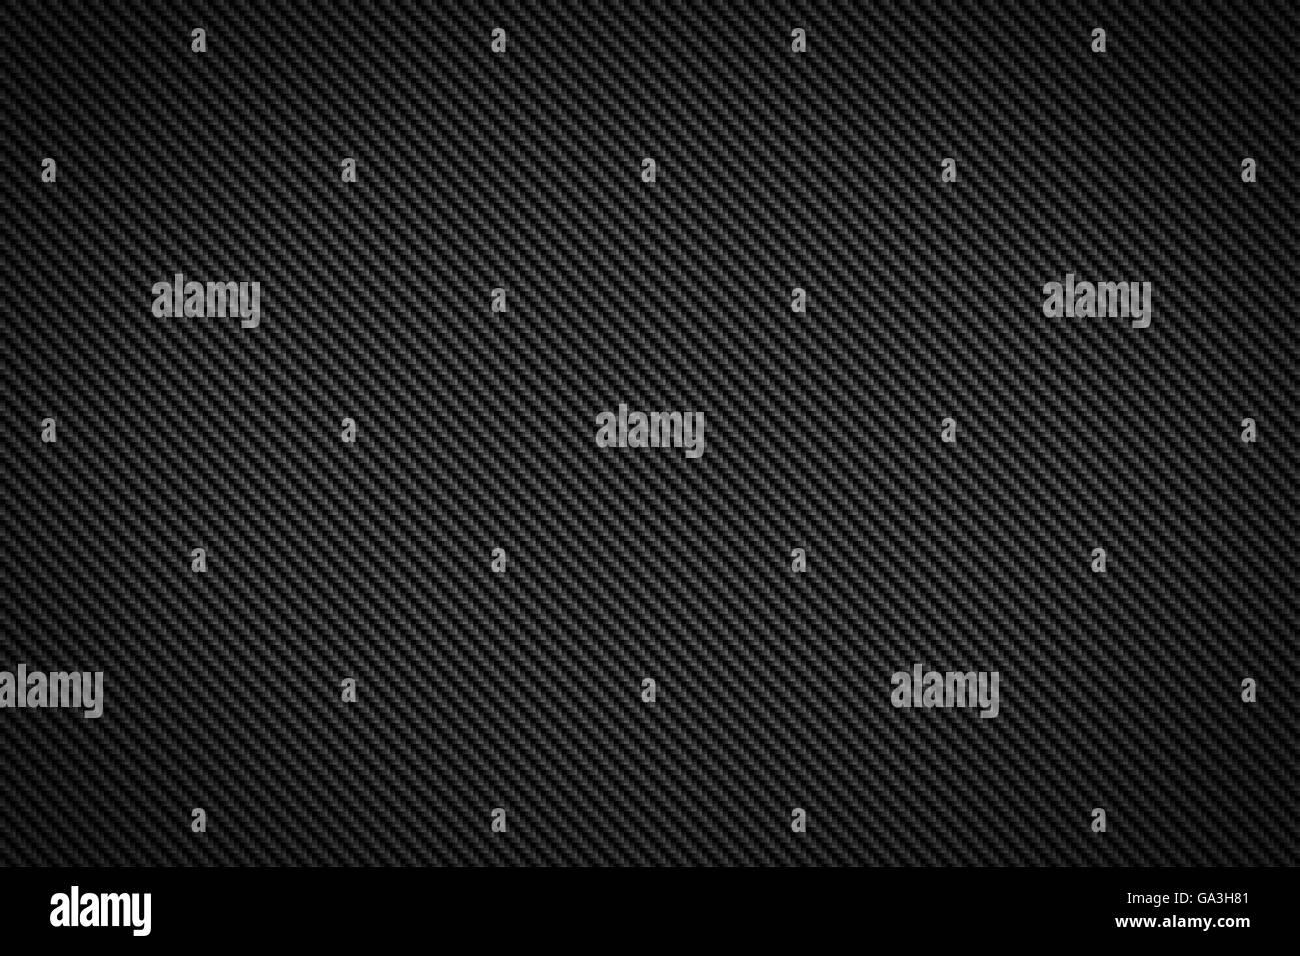 Textura del fondo de fibra de carbono Imagen De Stock